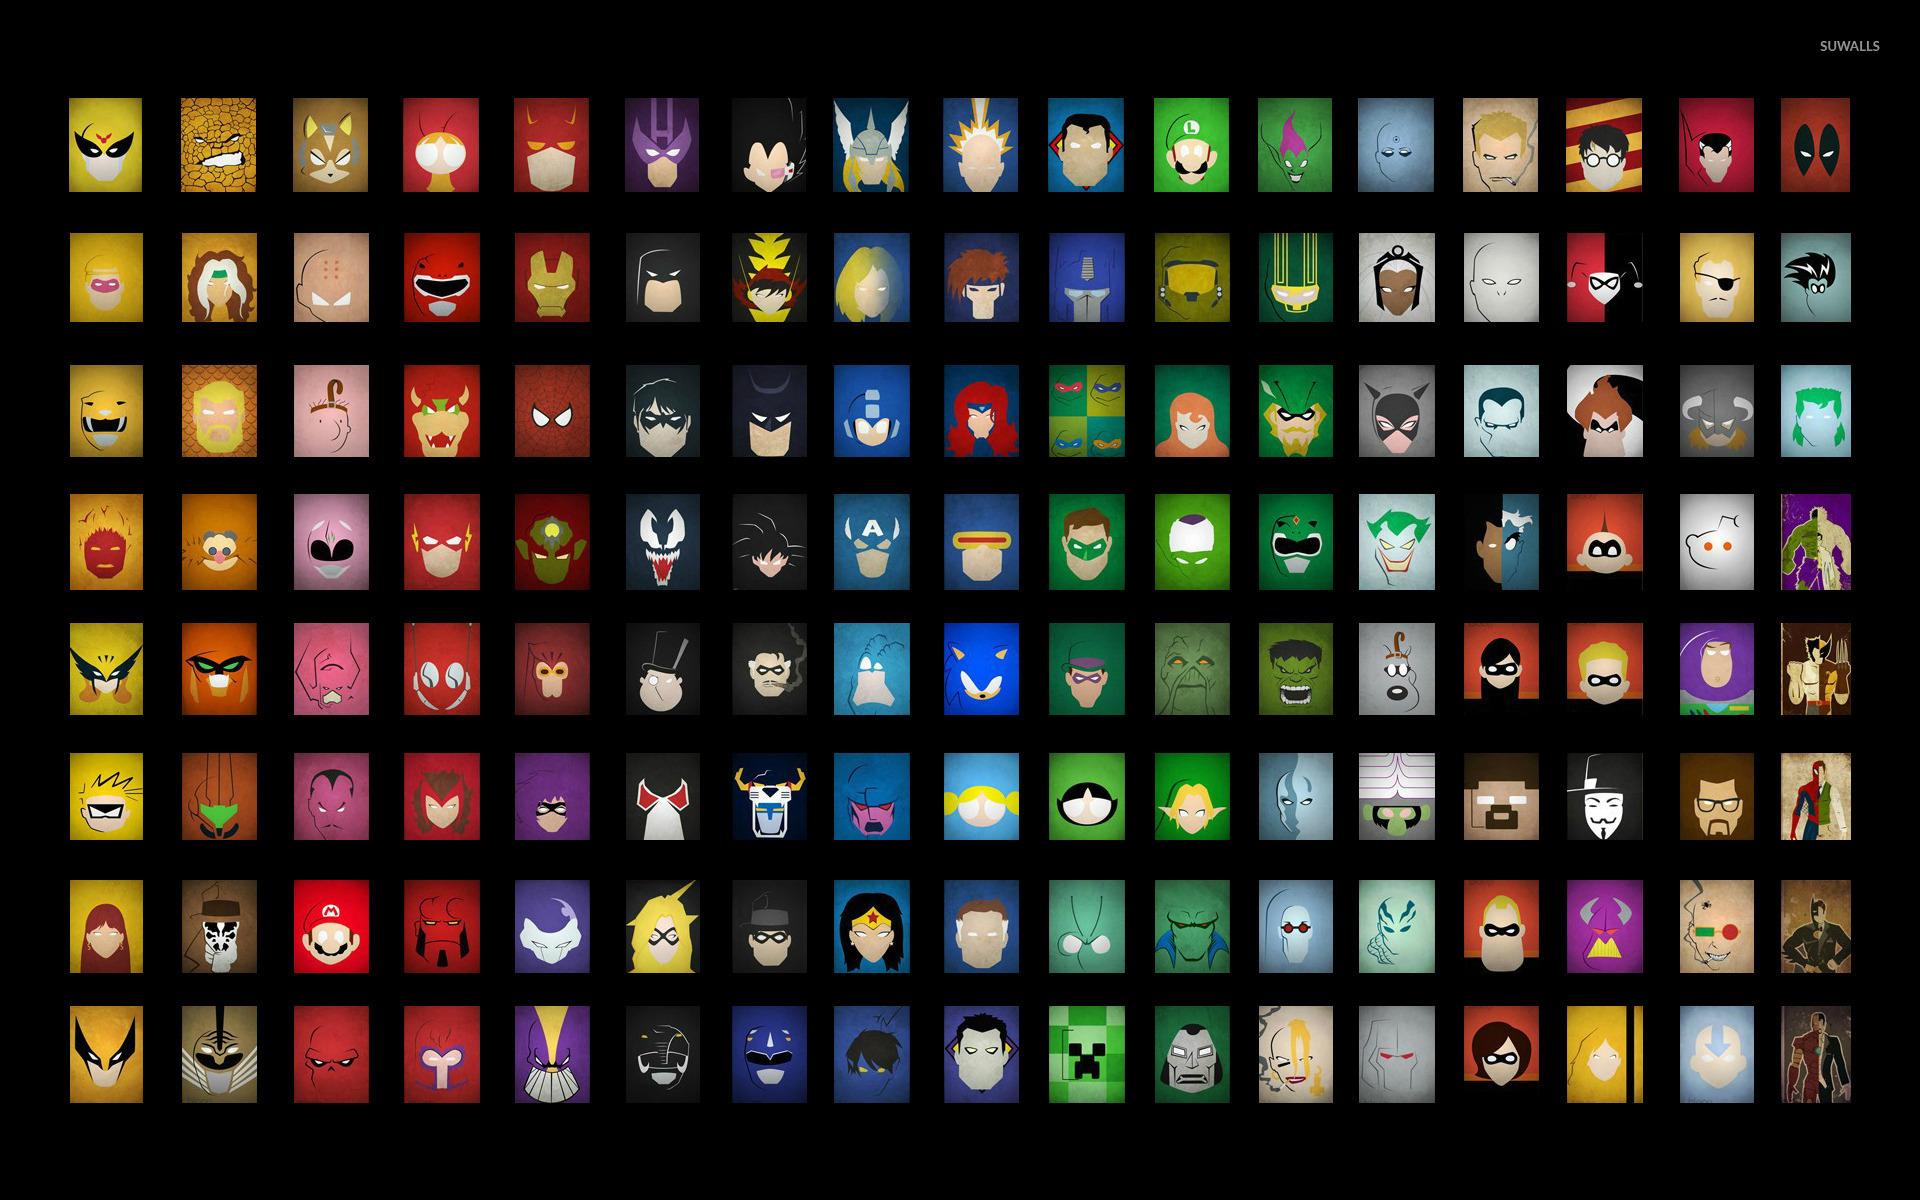 4k superhero wallpapers wallpapersafari - All marvel heroes wallpaper ...